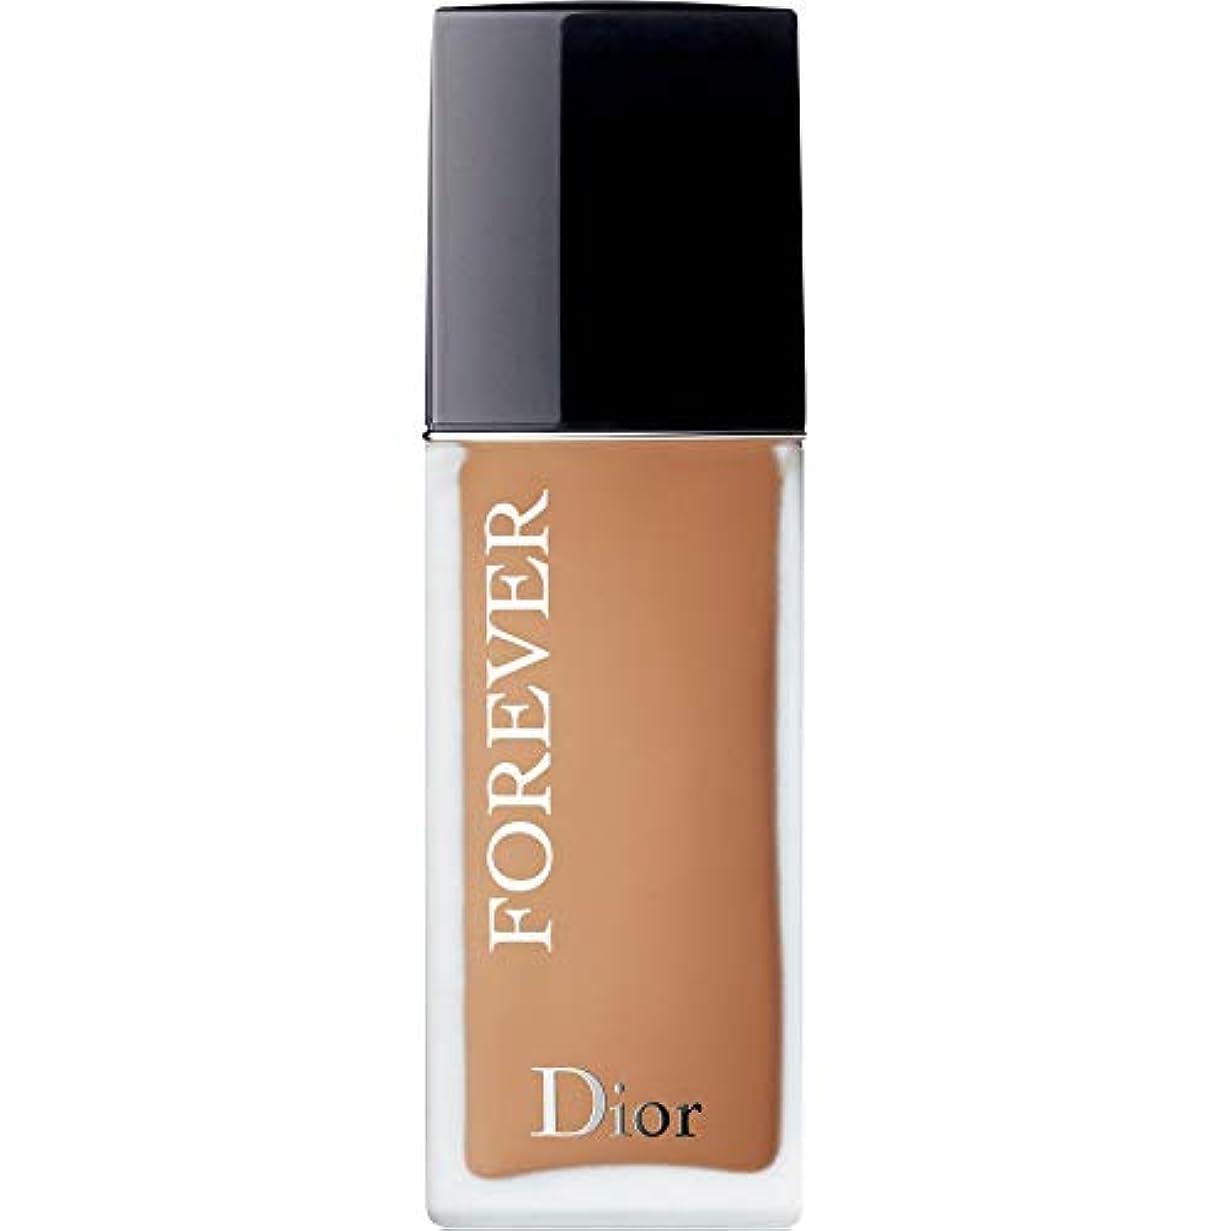 六分儀十代アルミニウム[Dior ] ディオール永遠皮膚思いやりの基盤Spf35 30ミリリットルの4.5ワット - 暖かい(つや消し) - DIOR Forever Skin-Caring Foundation SPF35 30ml 4.5W...